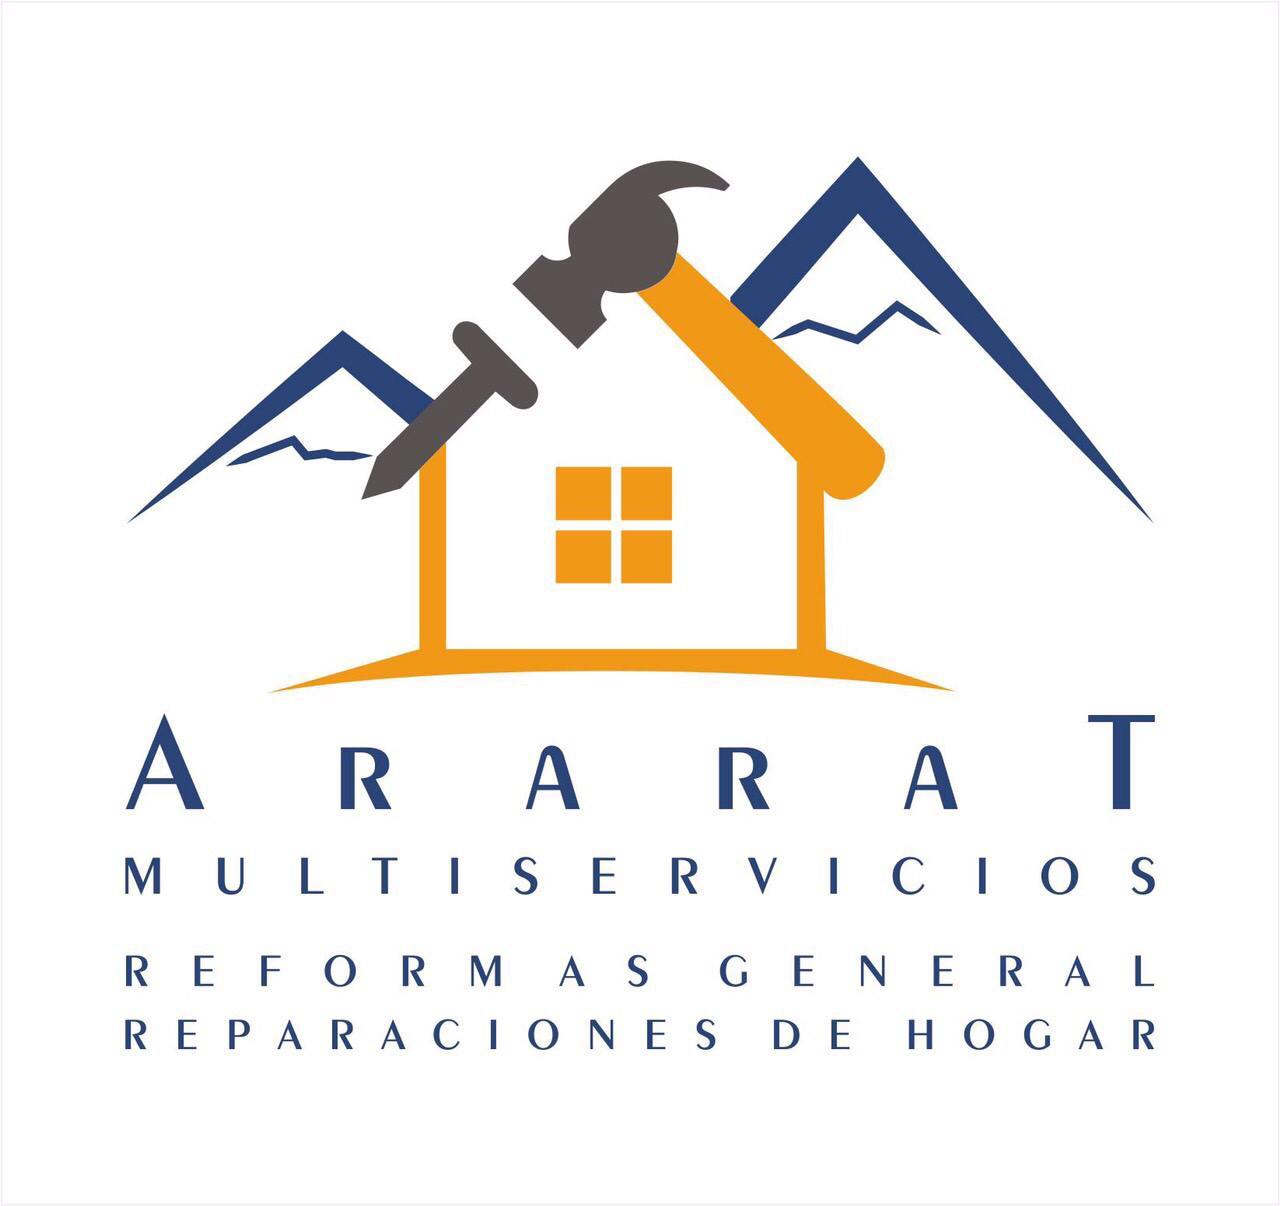 Ararat Multiservicios